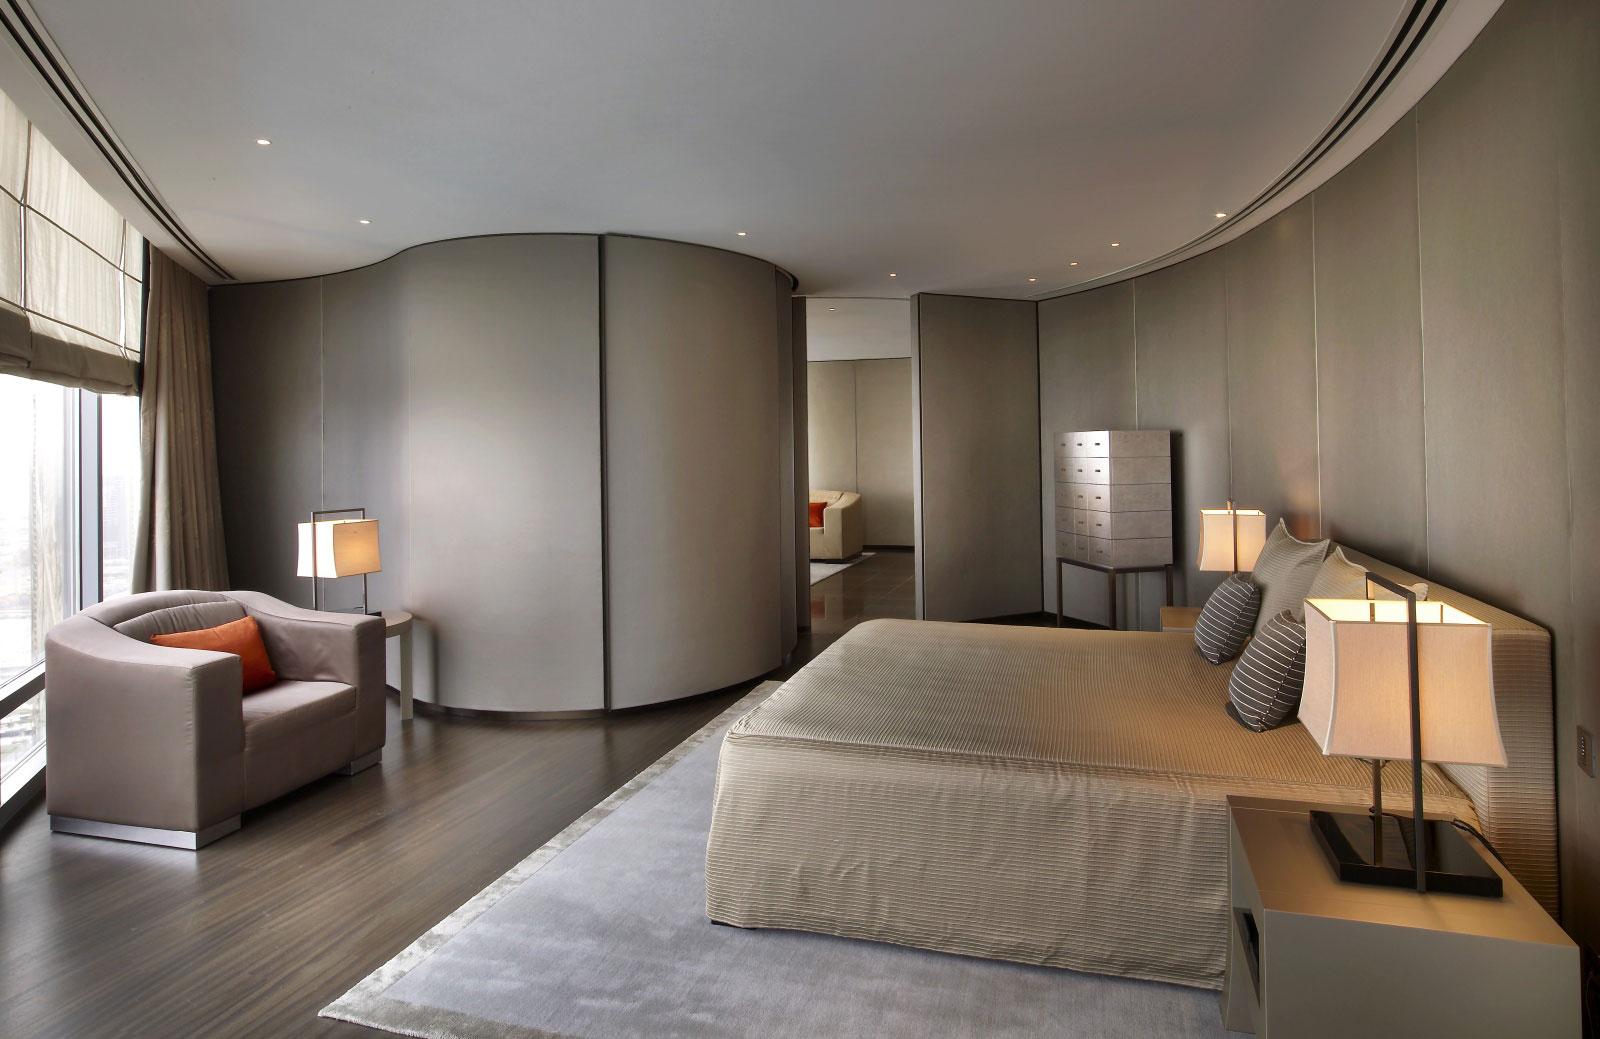 بالصور فندق ارماني دبي , للفخامة عنوان 14917 7